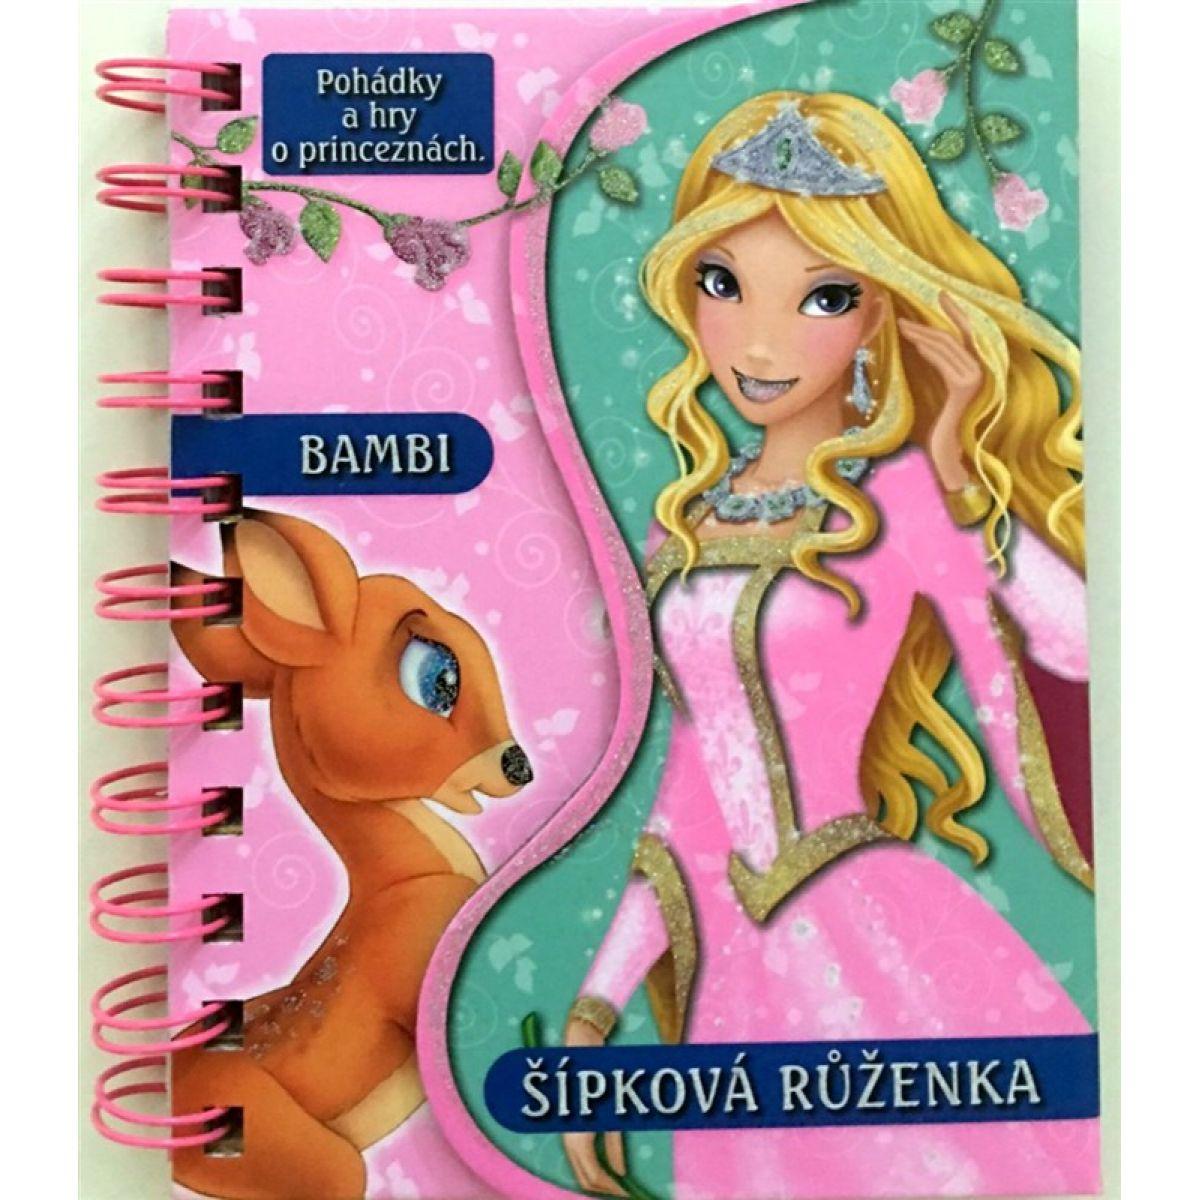 Sun Pohádky a hry Bambi a Šípková Růženka Nakladatelství SUN